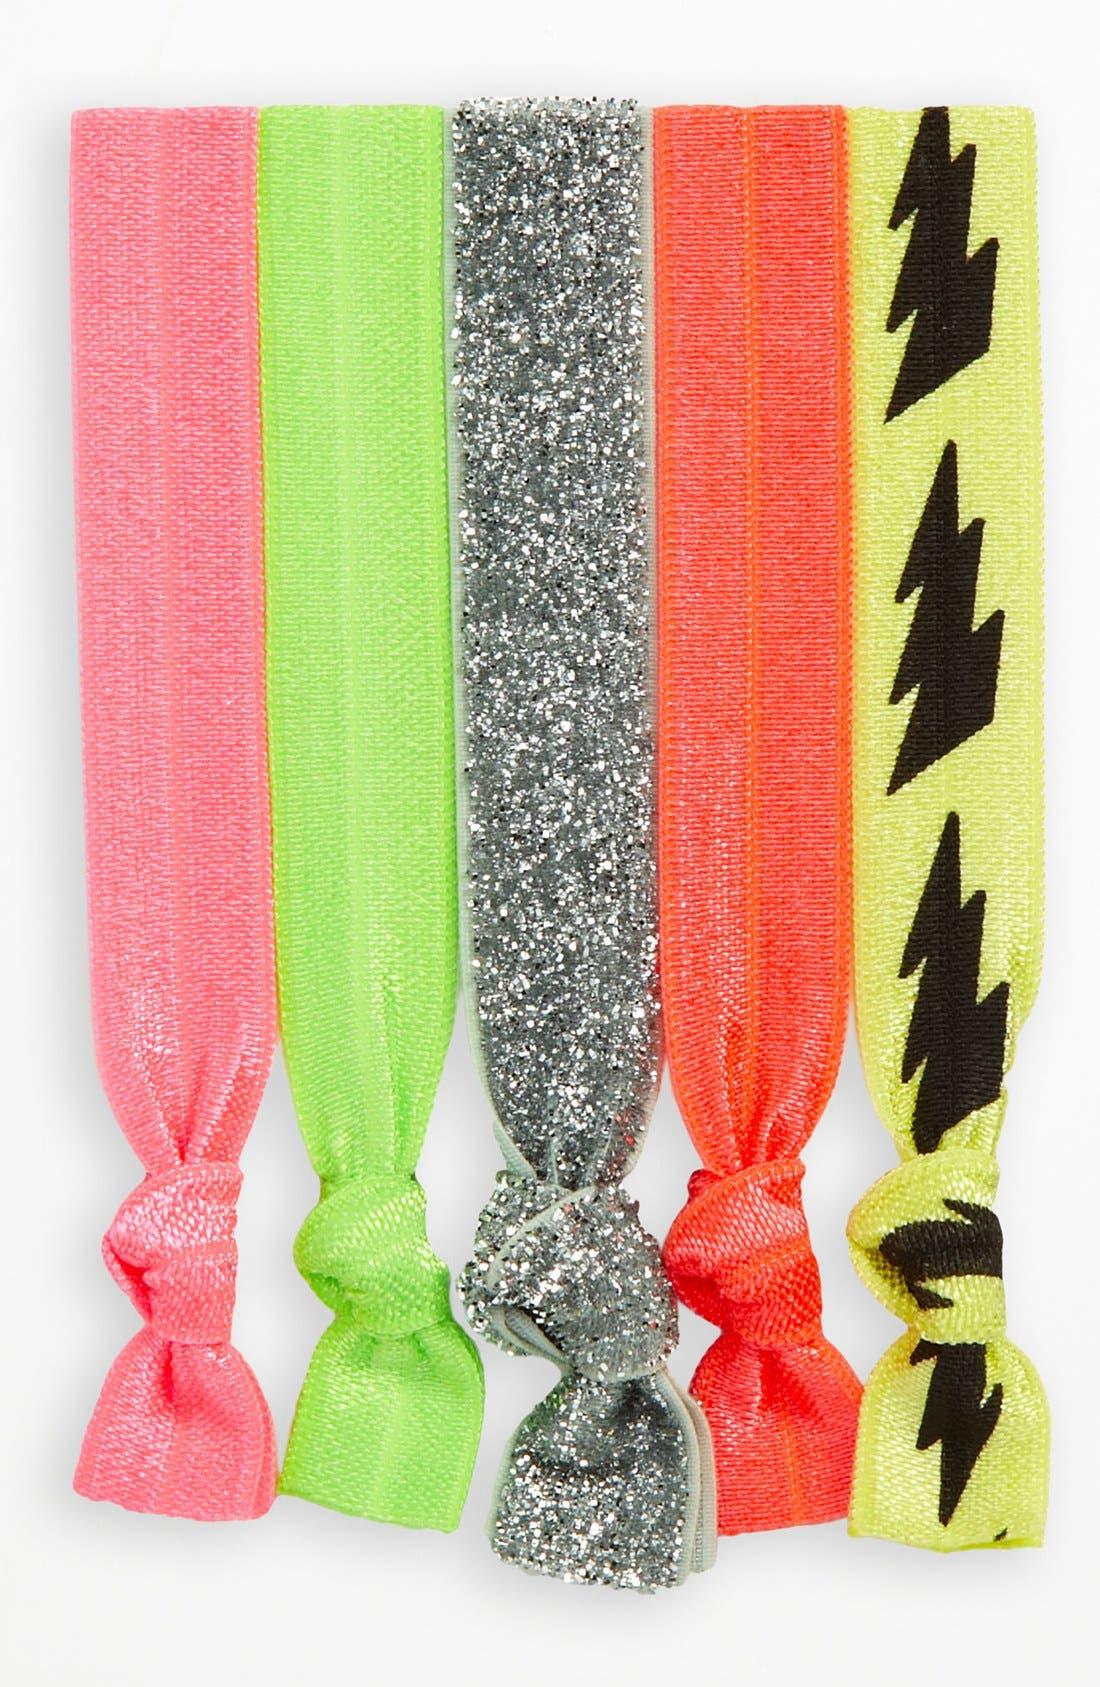 Alternate Image 1 Selected - Kitsch Hair Ties (Set of 5) (Girls)